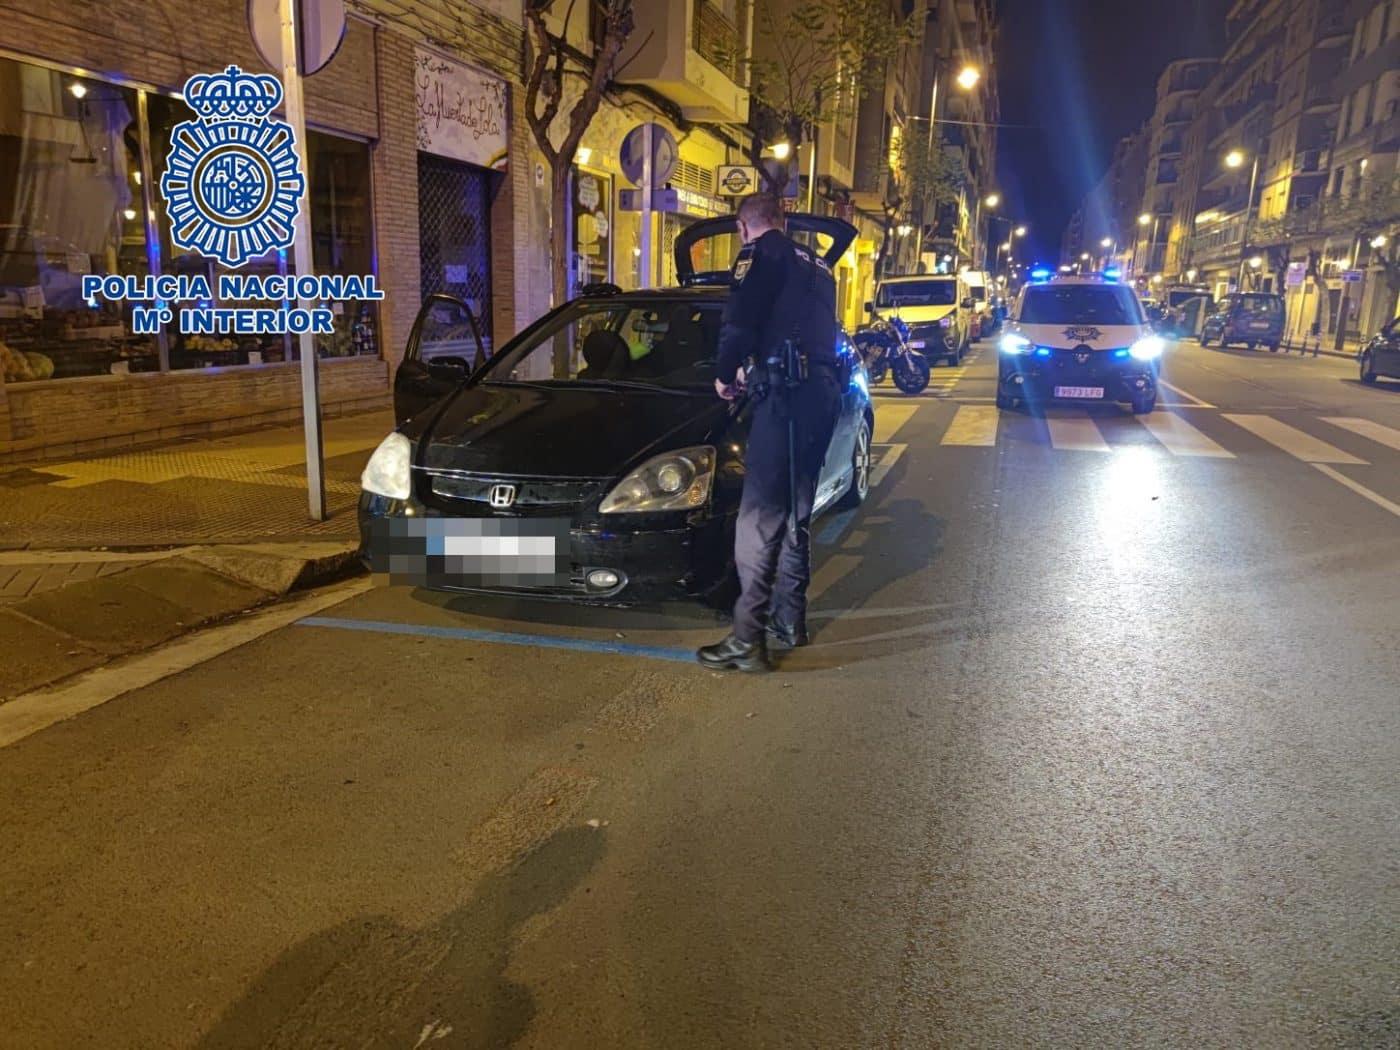 La Policía Nacional detiene a tres personas en una fiesta ilegal en Logroño 2